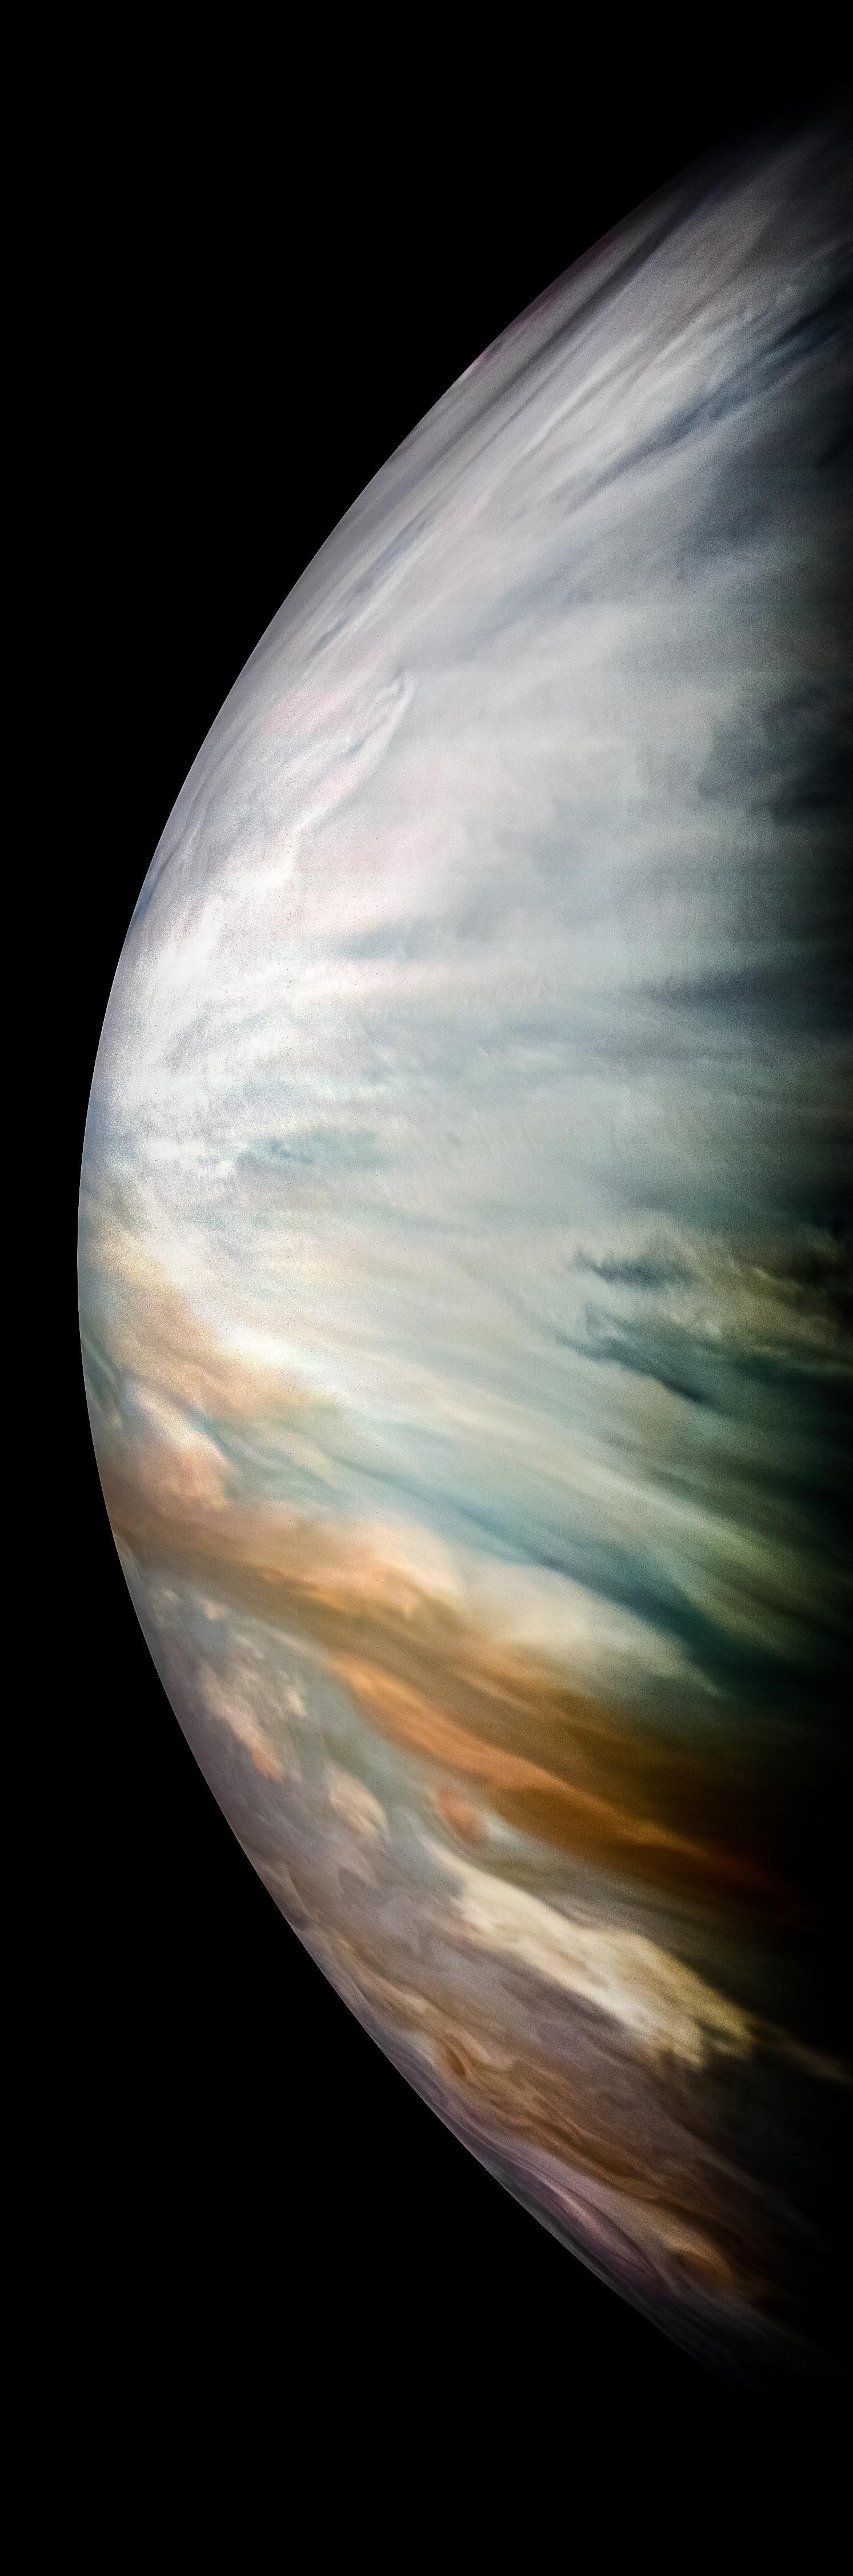 Jupiter's Equator